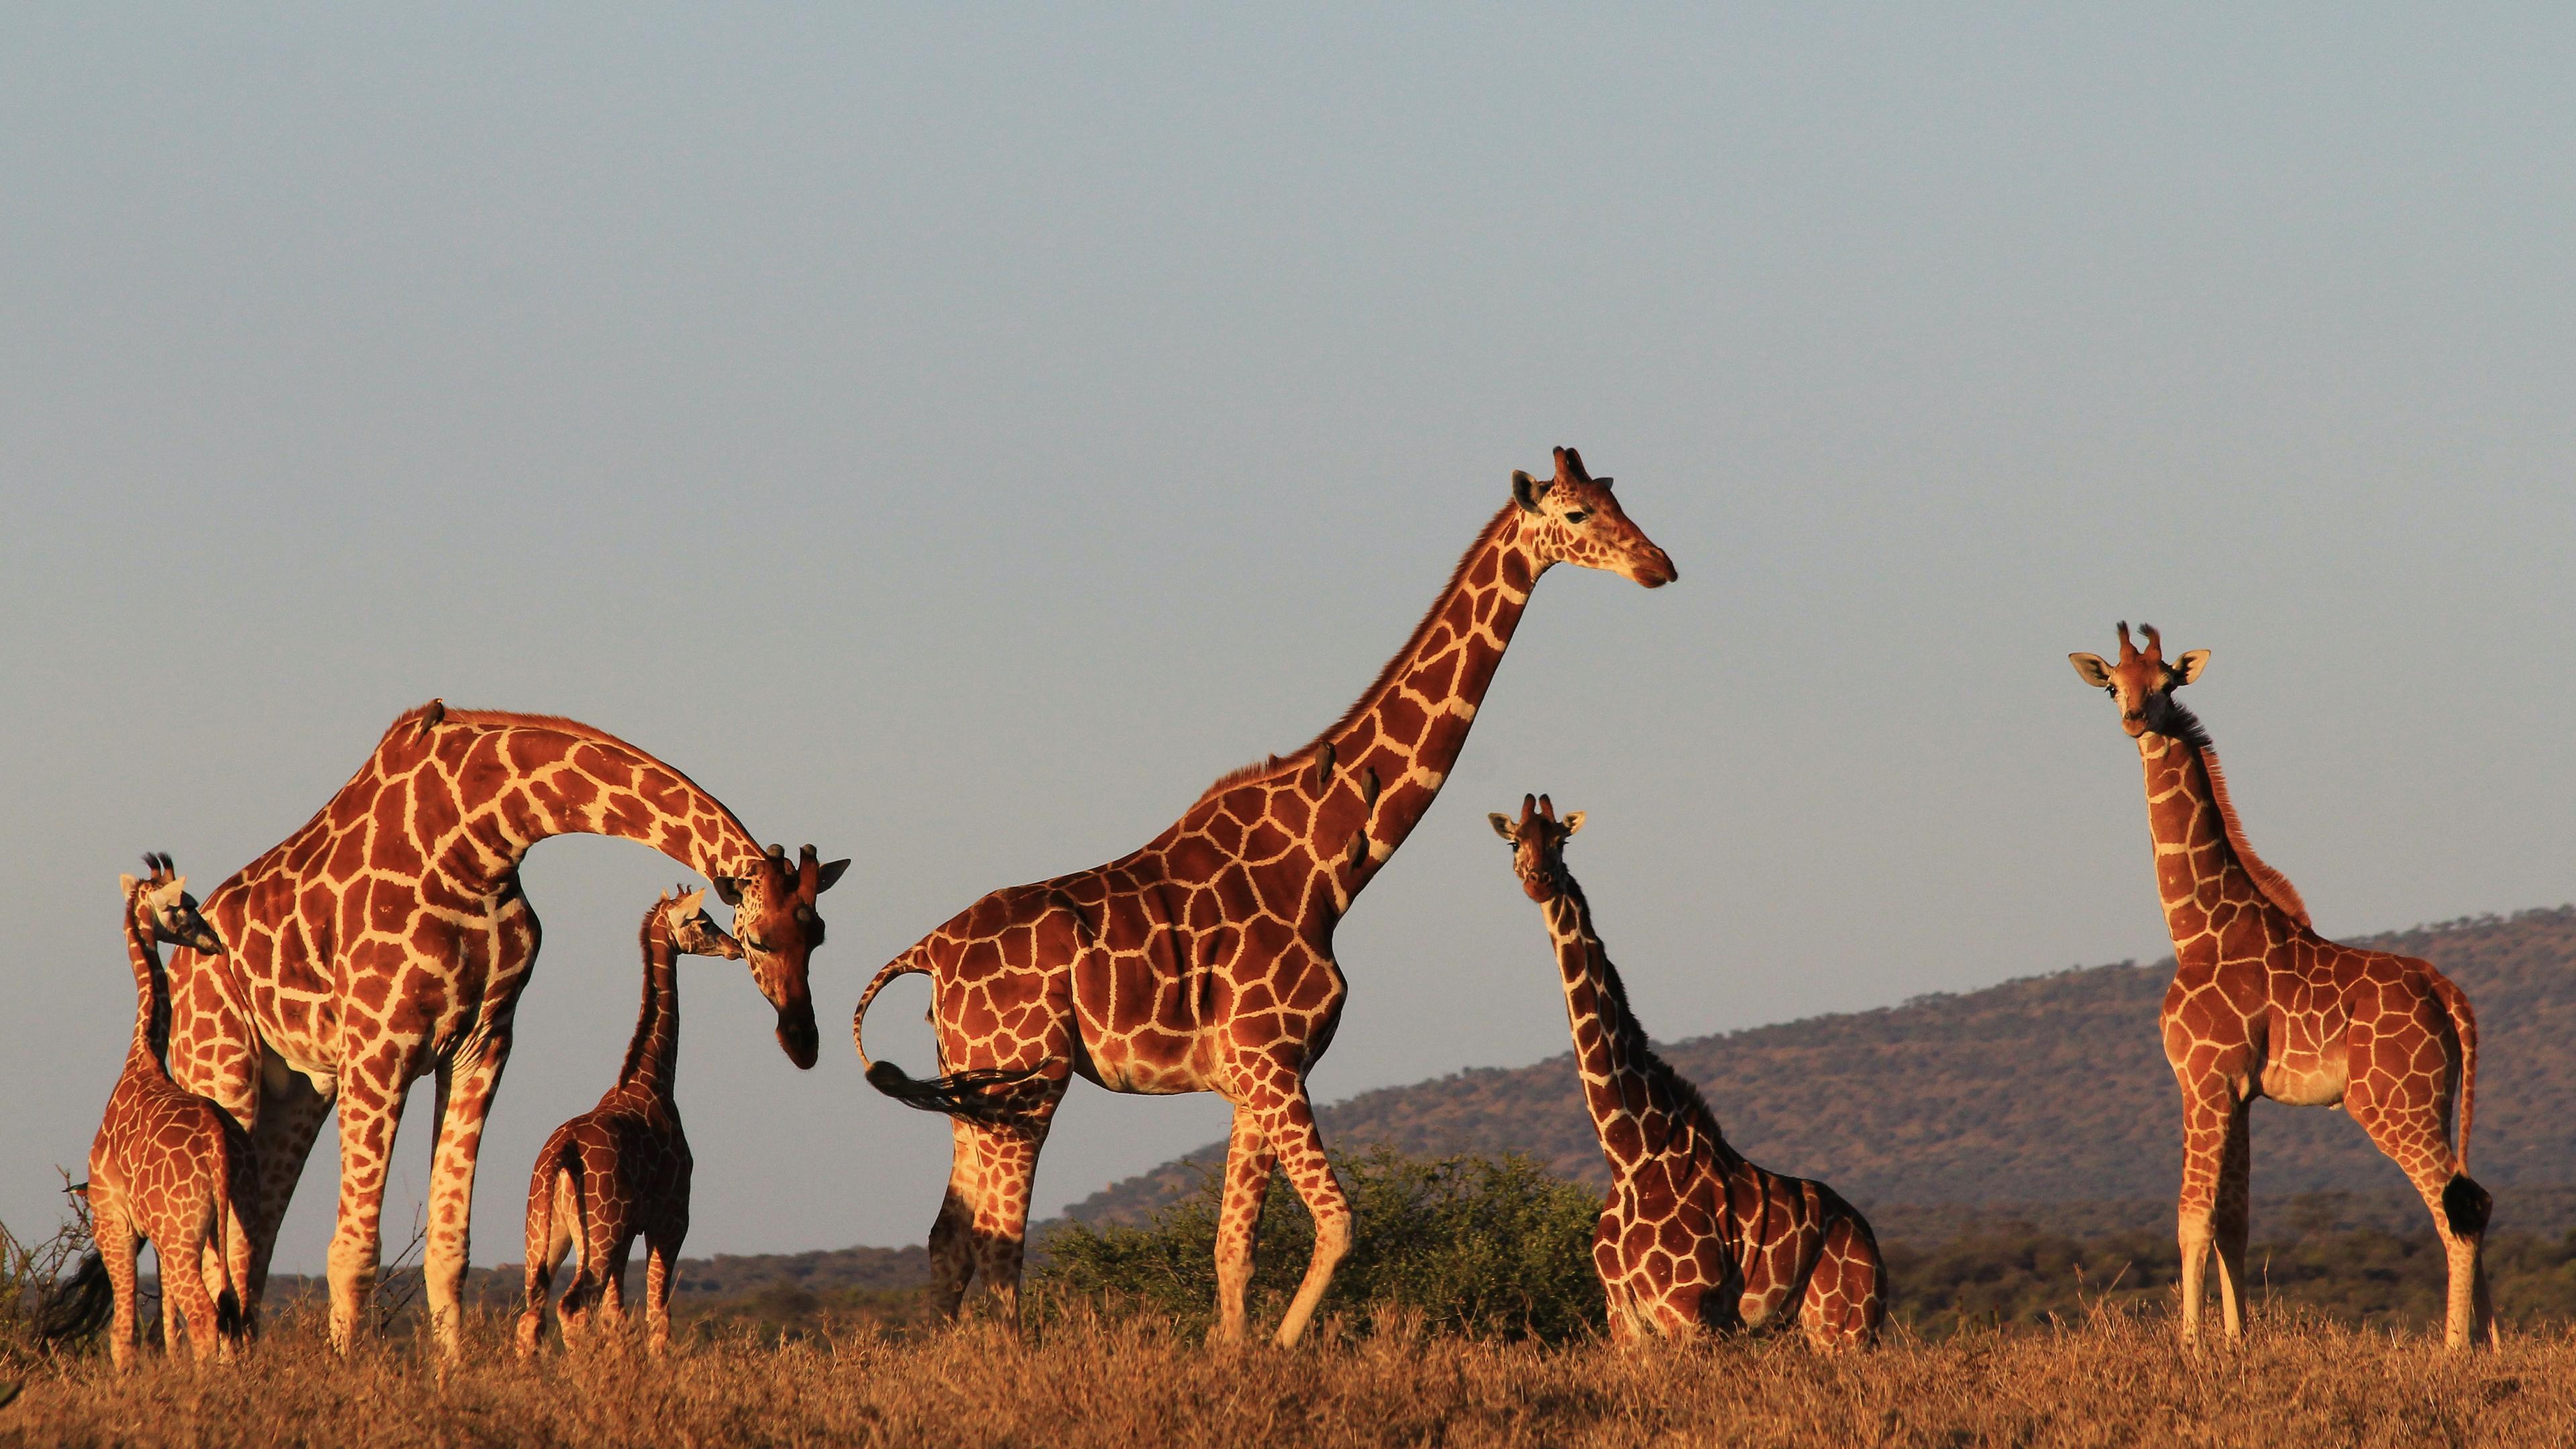 Социальная жизнь жирафов: всё дело в бабушках?